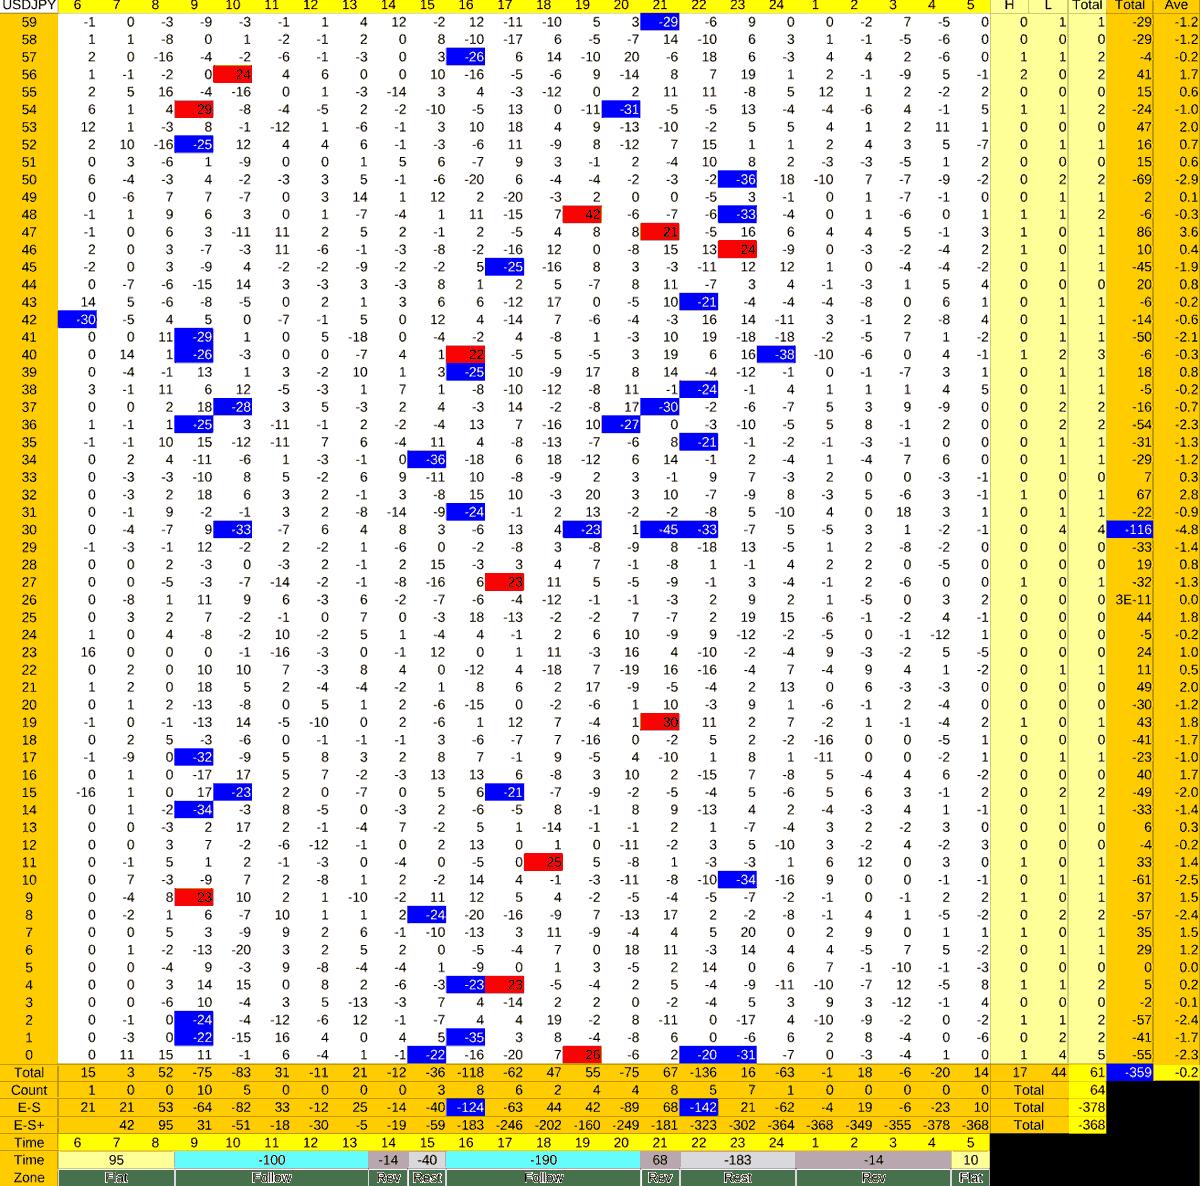 20210520_HS(1)USDJPY